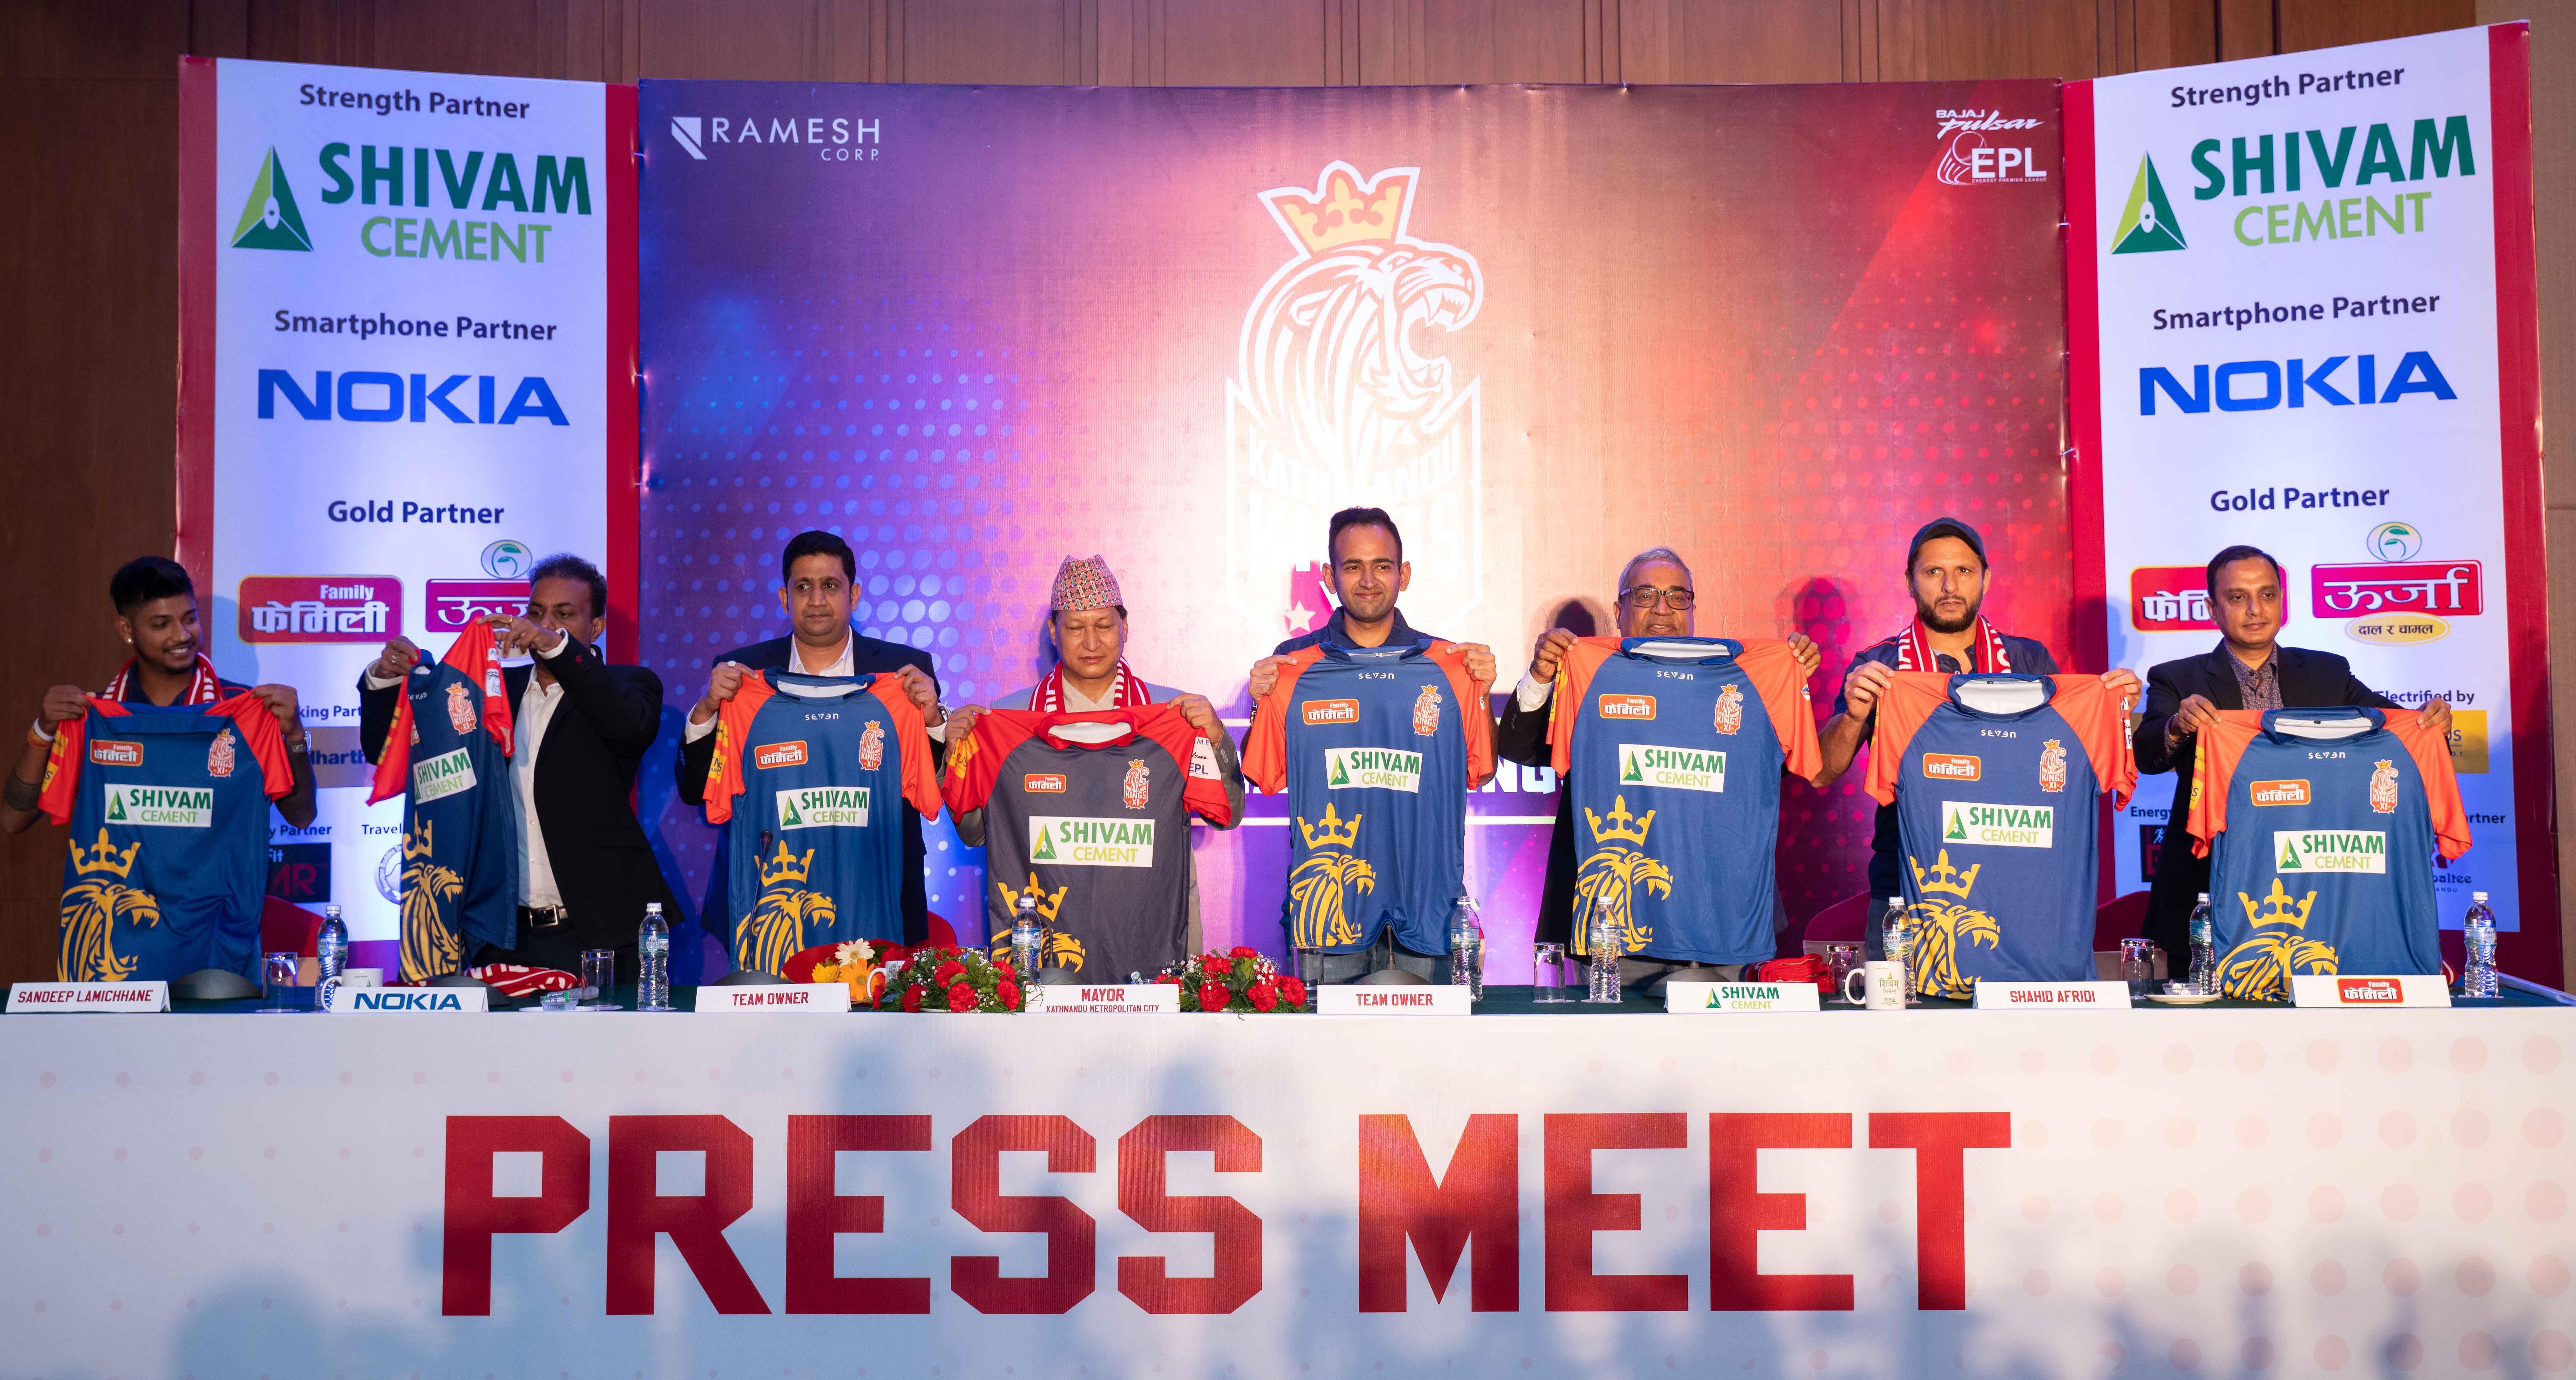 'काठमाडौँ किङ्गस् ११' द्वारा चौथो संस्करणको  एभरेष्ट प्रिमियर लिगको लागिआफ्नो टीम घोषणा